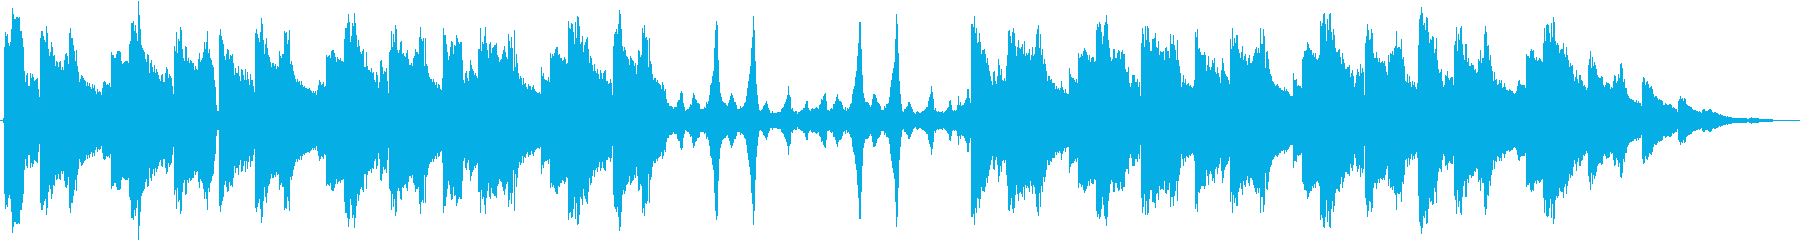 静かなlofi/chill hopの再生済みの波形